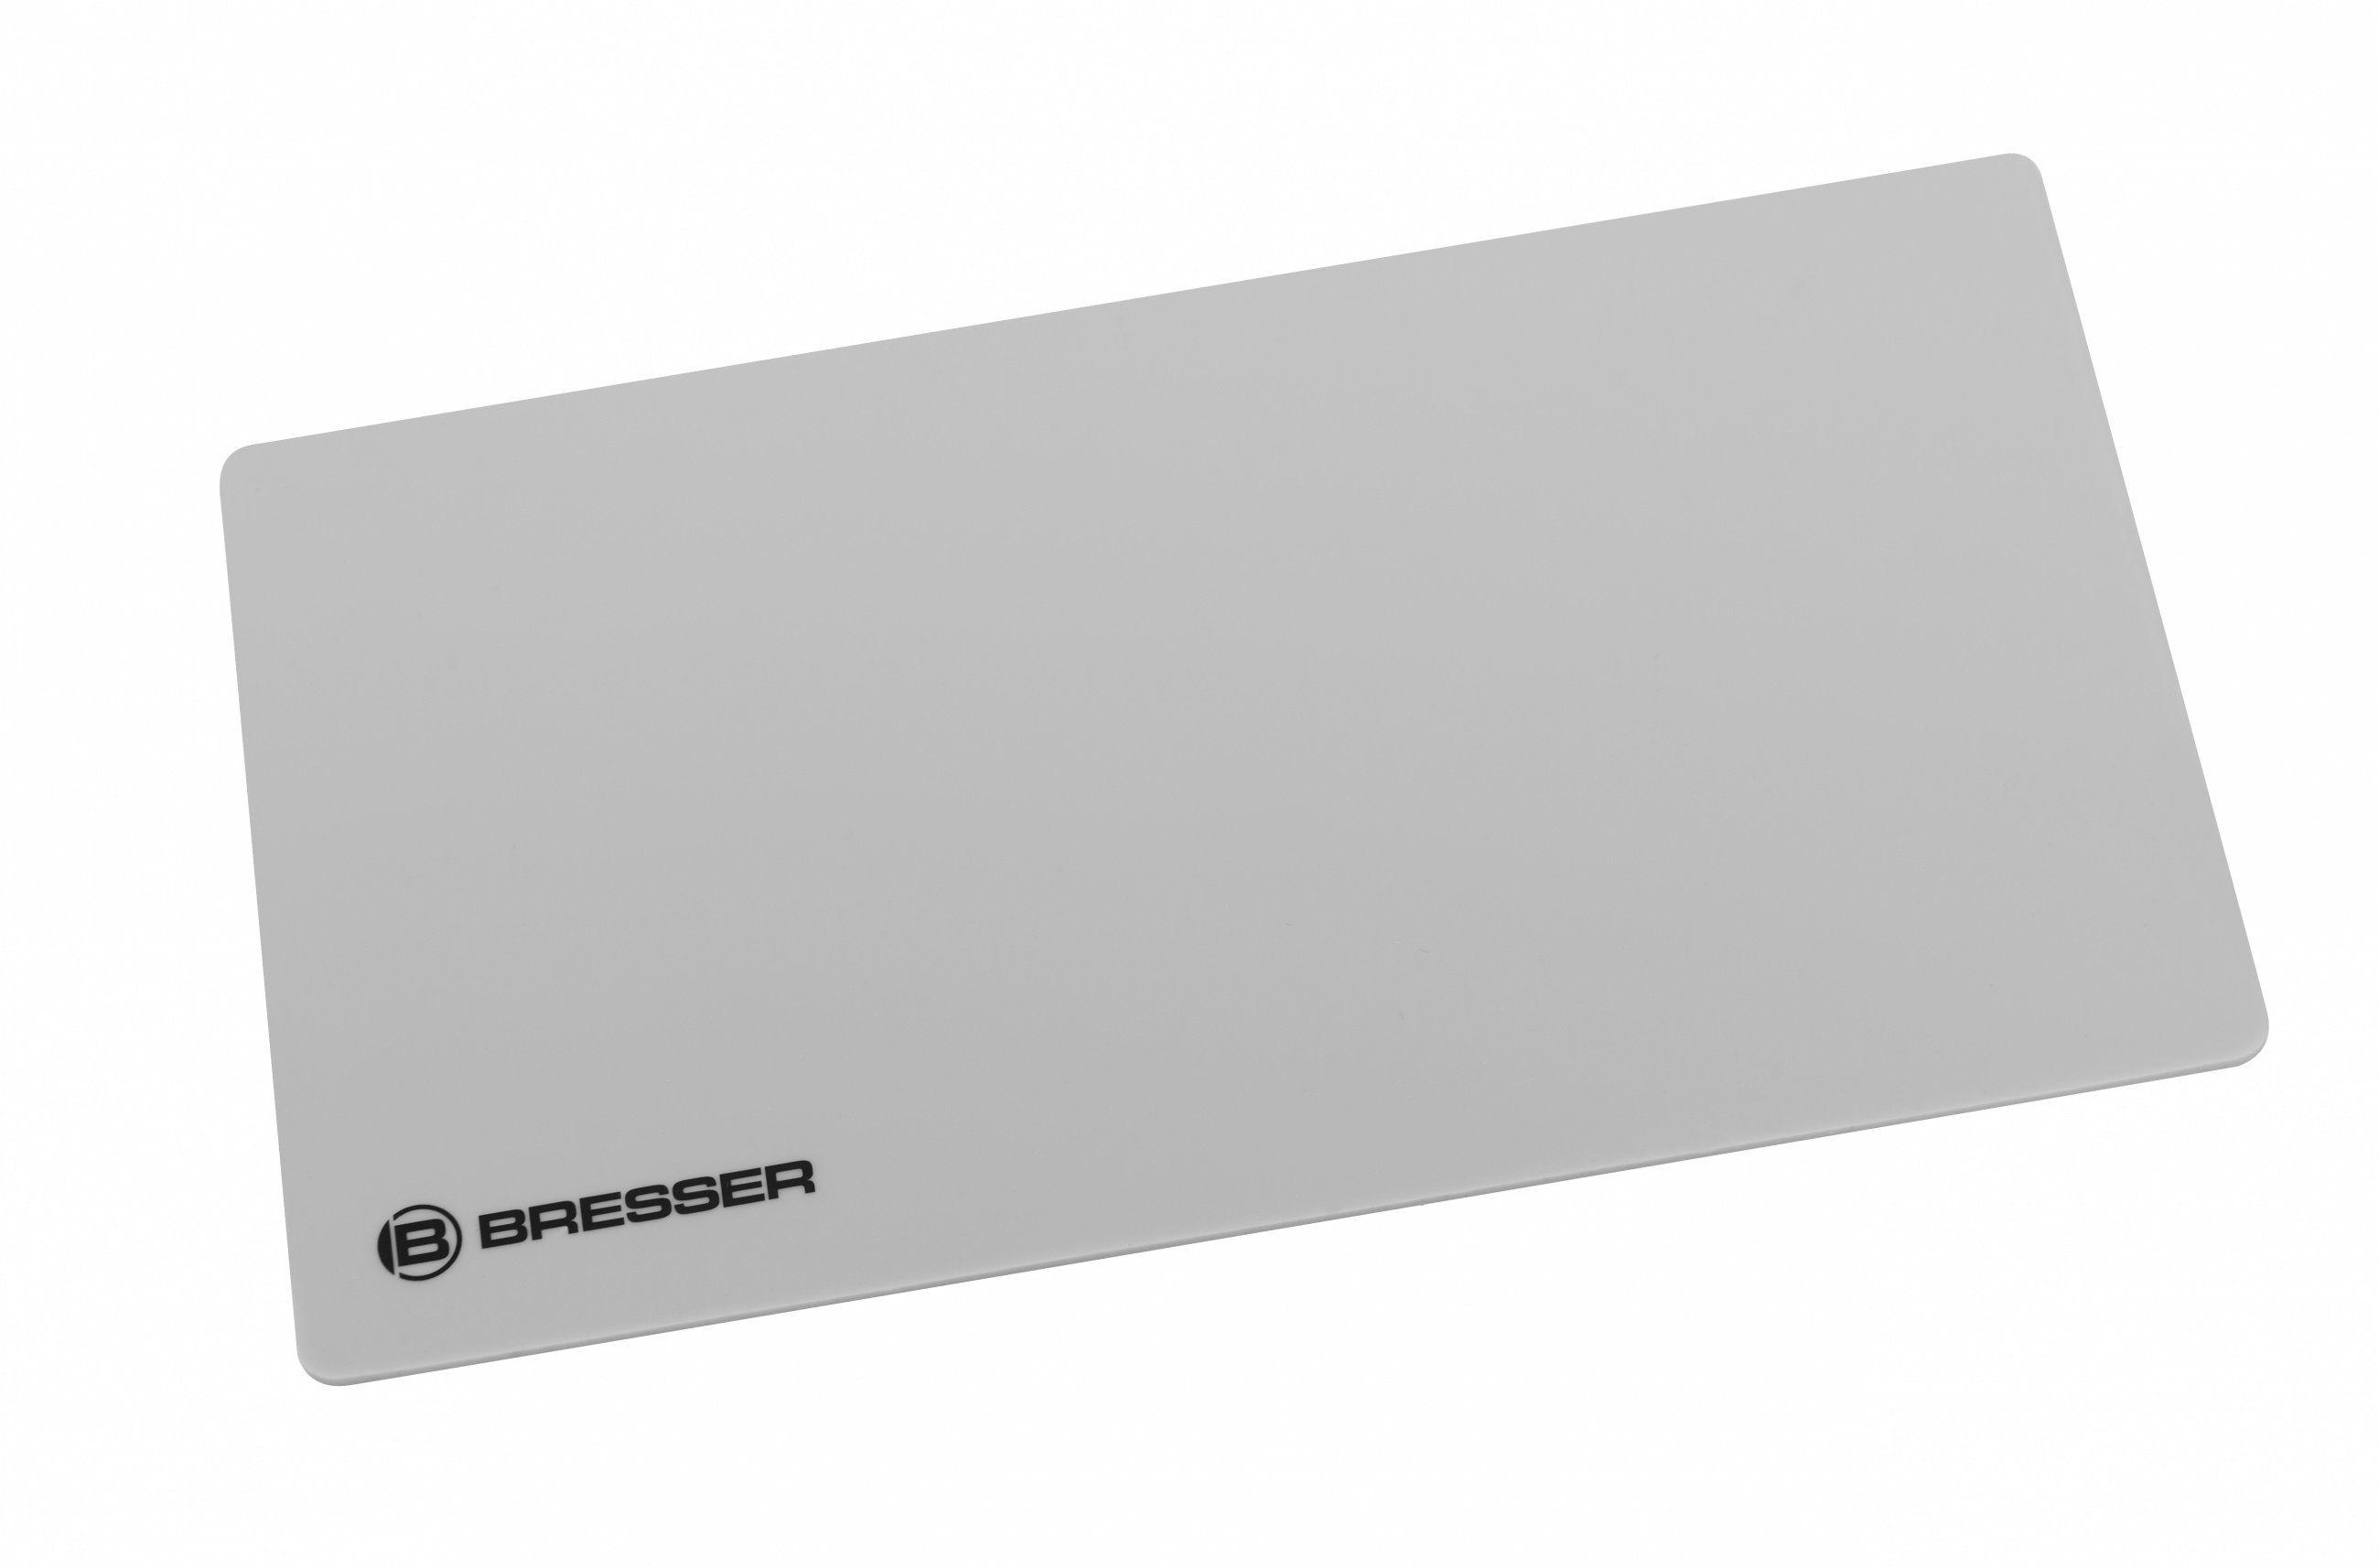 Bresser Silikonablage »Silikonablage für FlipMe Funkwecker«